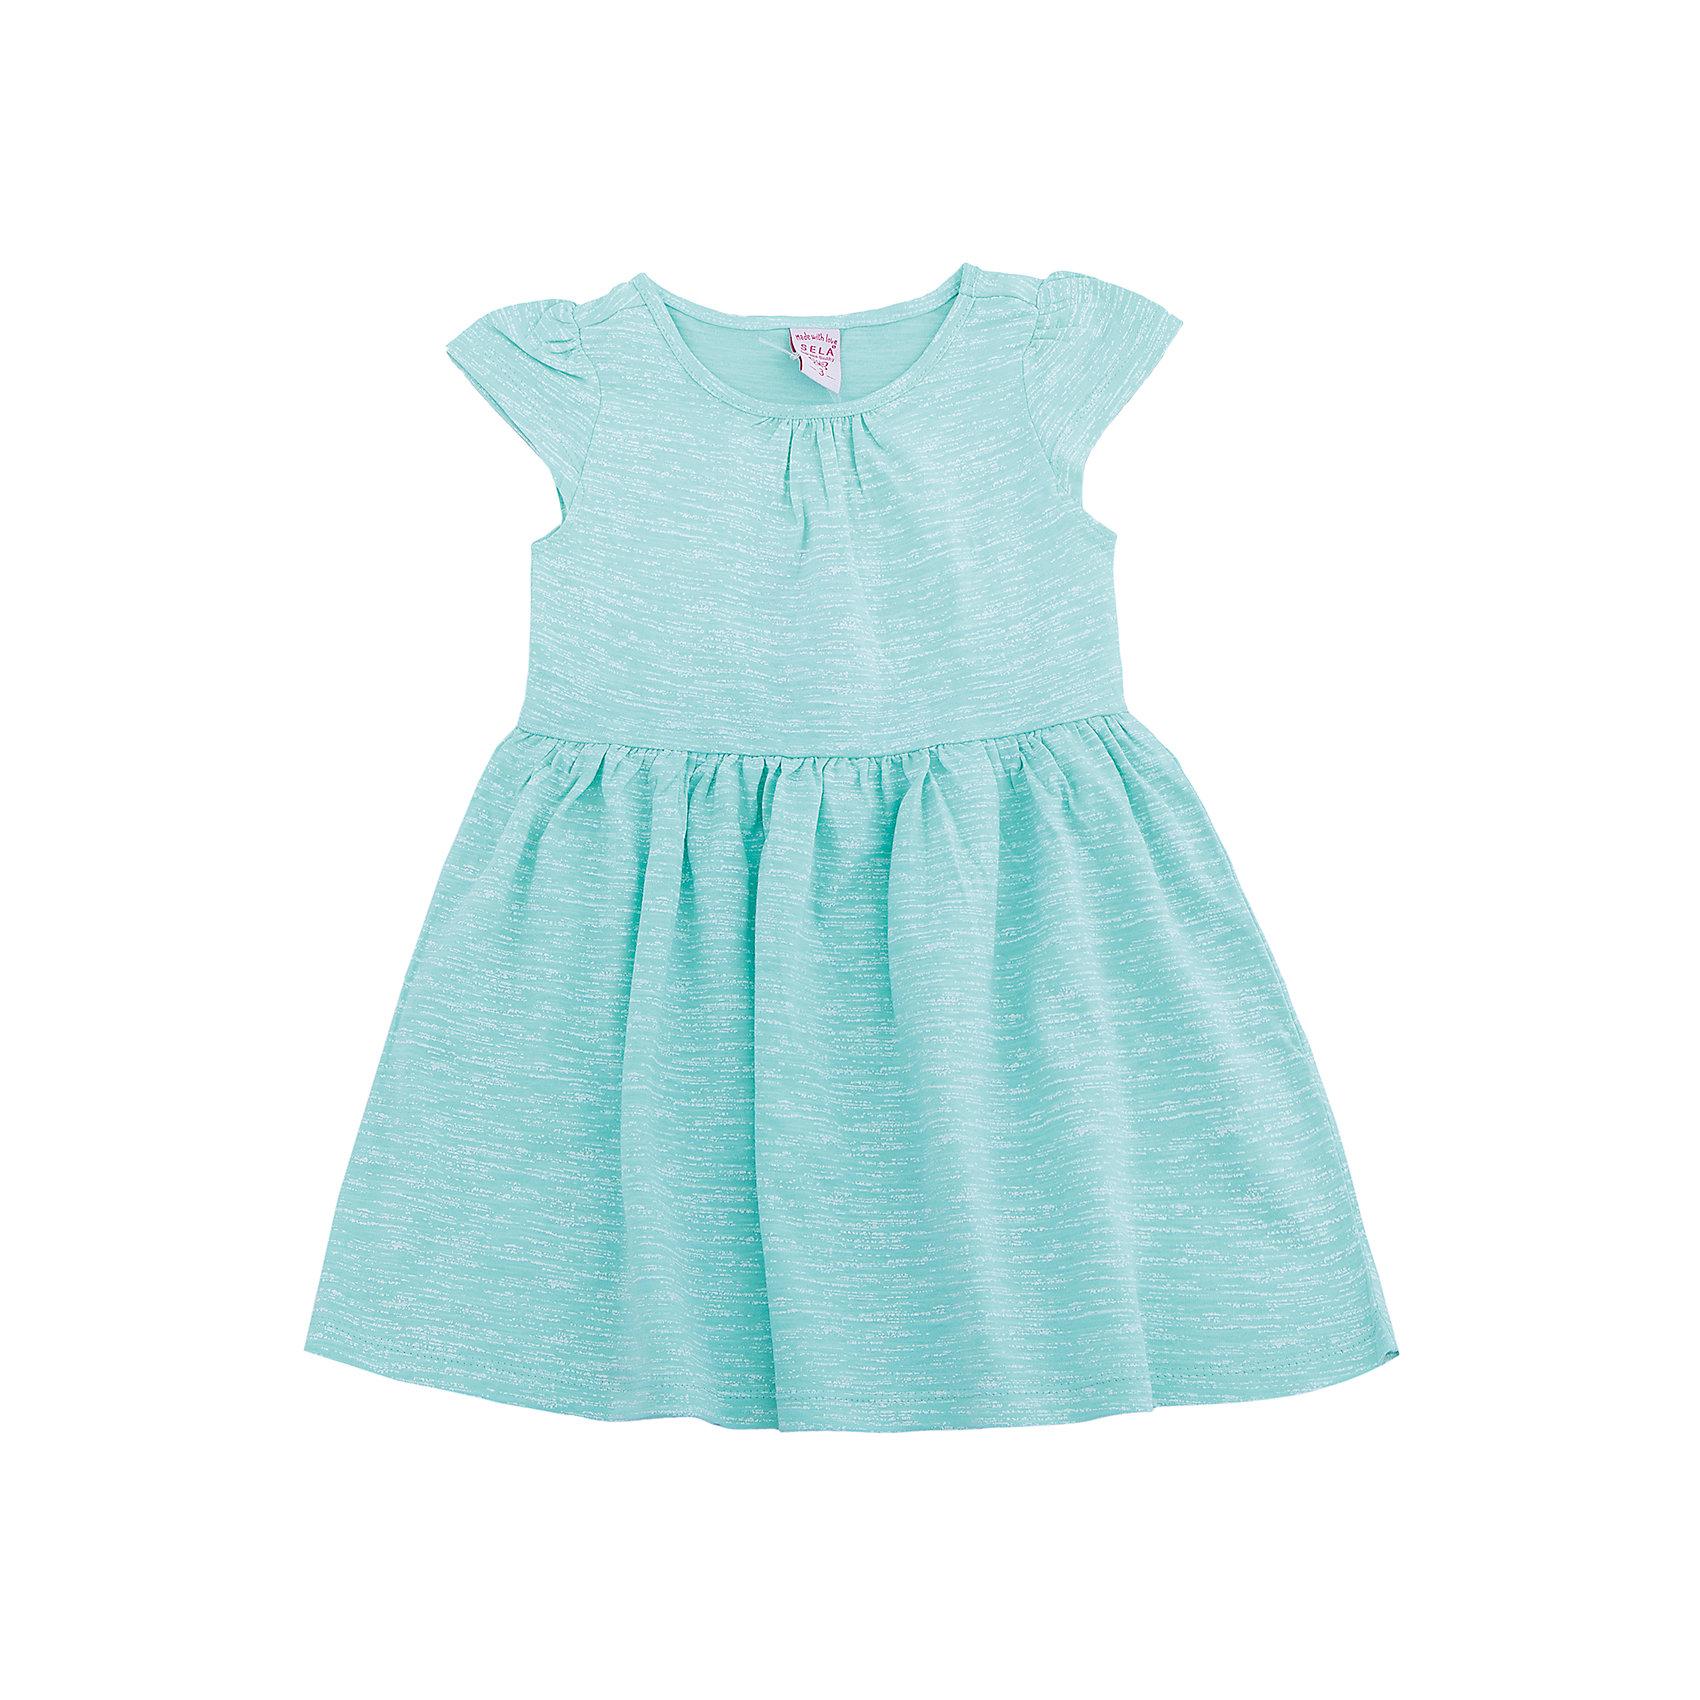 Платье для девочки SELAПлатья и сарафаны<br>Платье для девочки от известного бренда SELA<br>Состав:<br>100% хлопок<br><br>Ширина мм: 236<br>Глубина мм: 16<br>Высота мм: 184<br>Вес г: 177<br>Цвет: разноцветный<br>Возраст от месяцев: 60<br>Возраст до месяцев: 72<br>Пол: Женский<br>Возраст: Детский<br>Размер: 110,116,98,104<br>SKU: 5305366